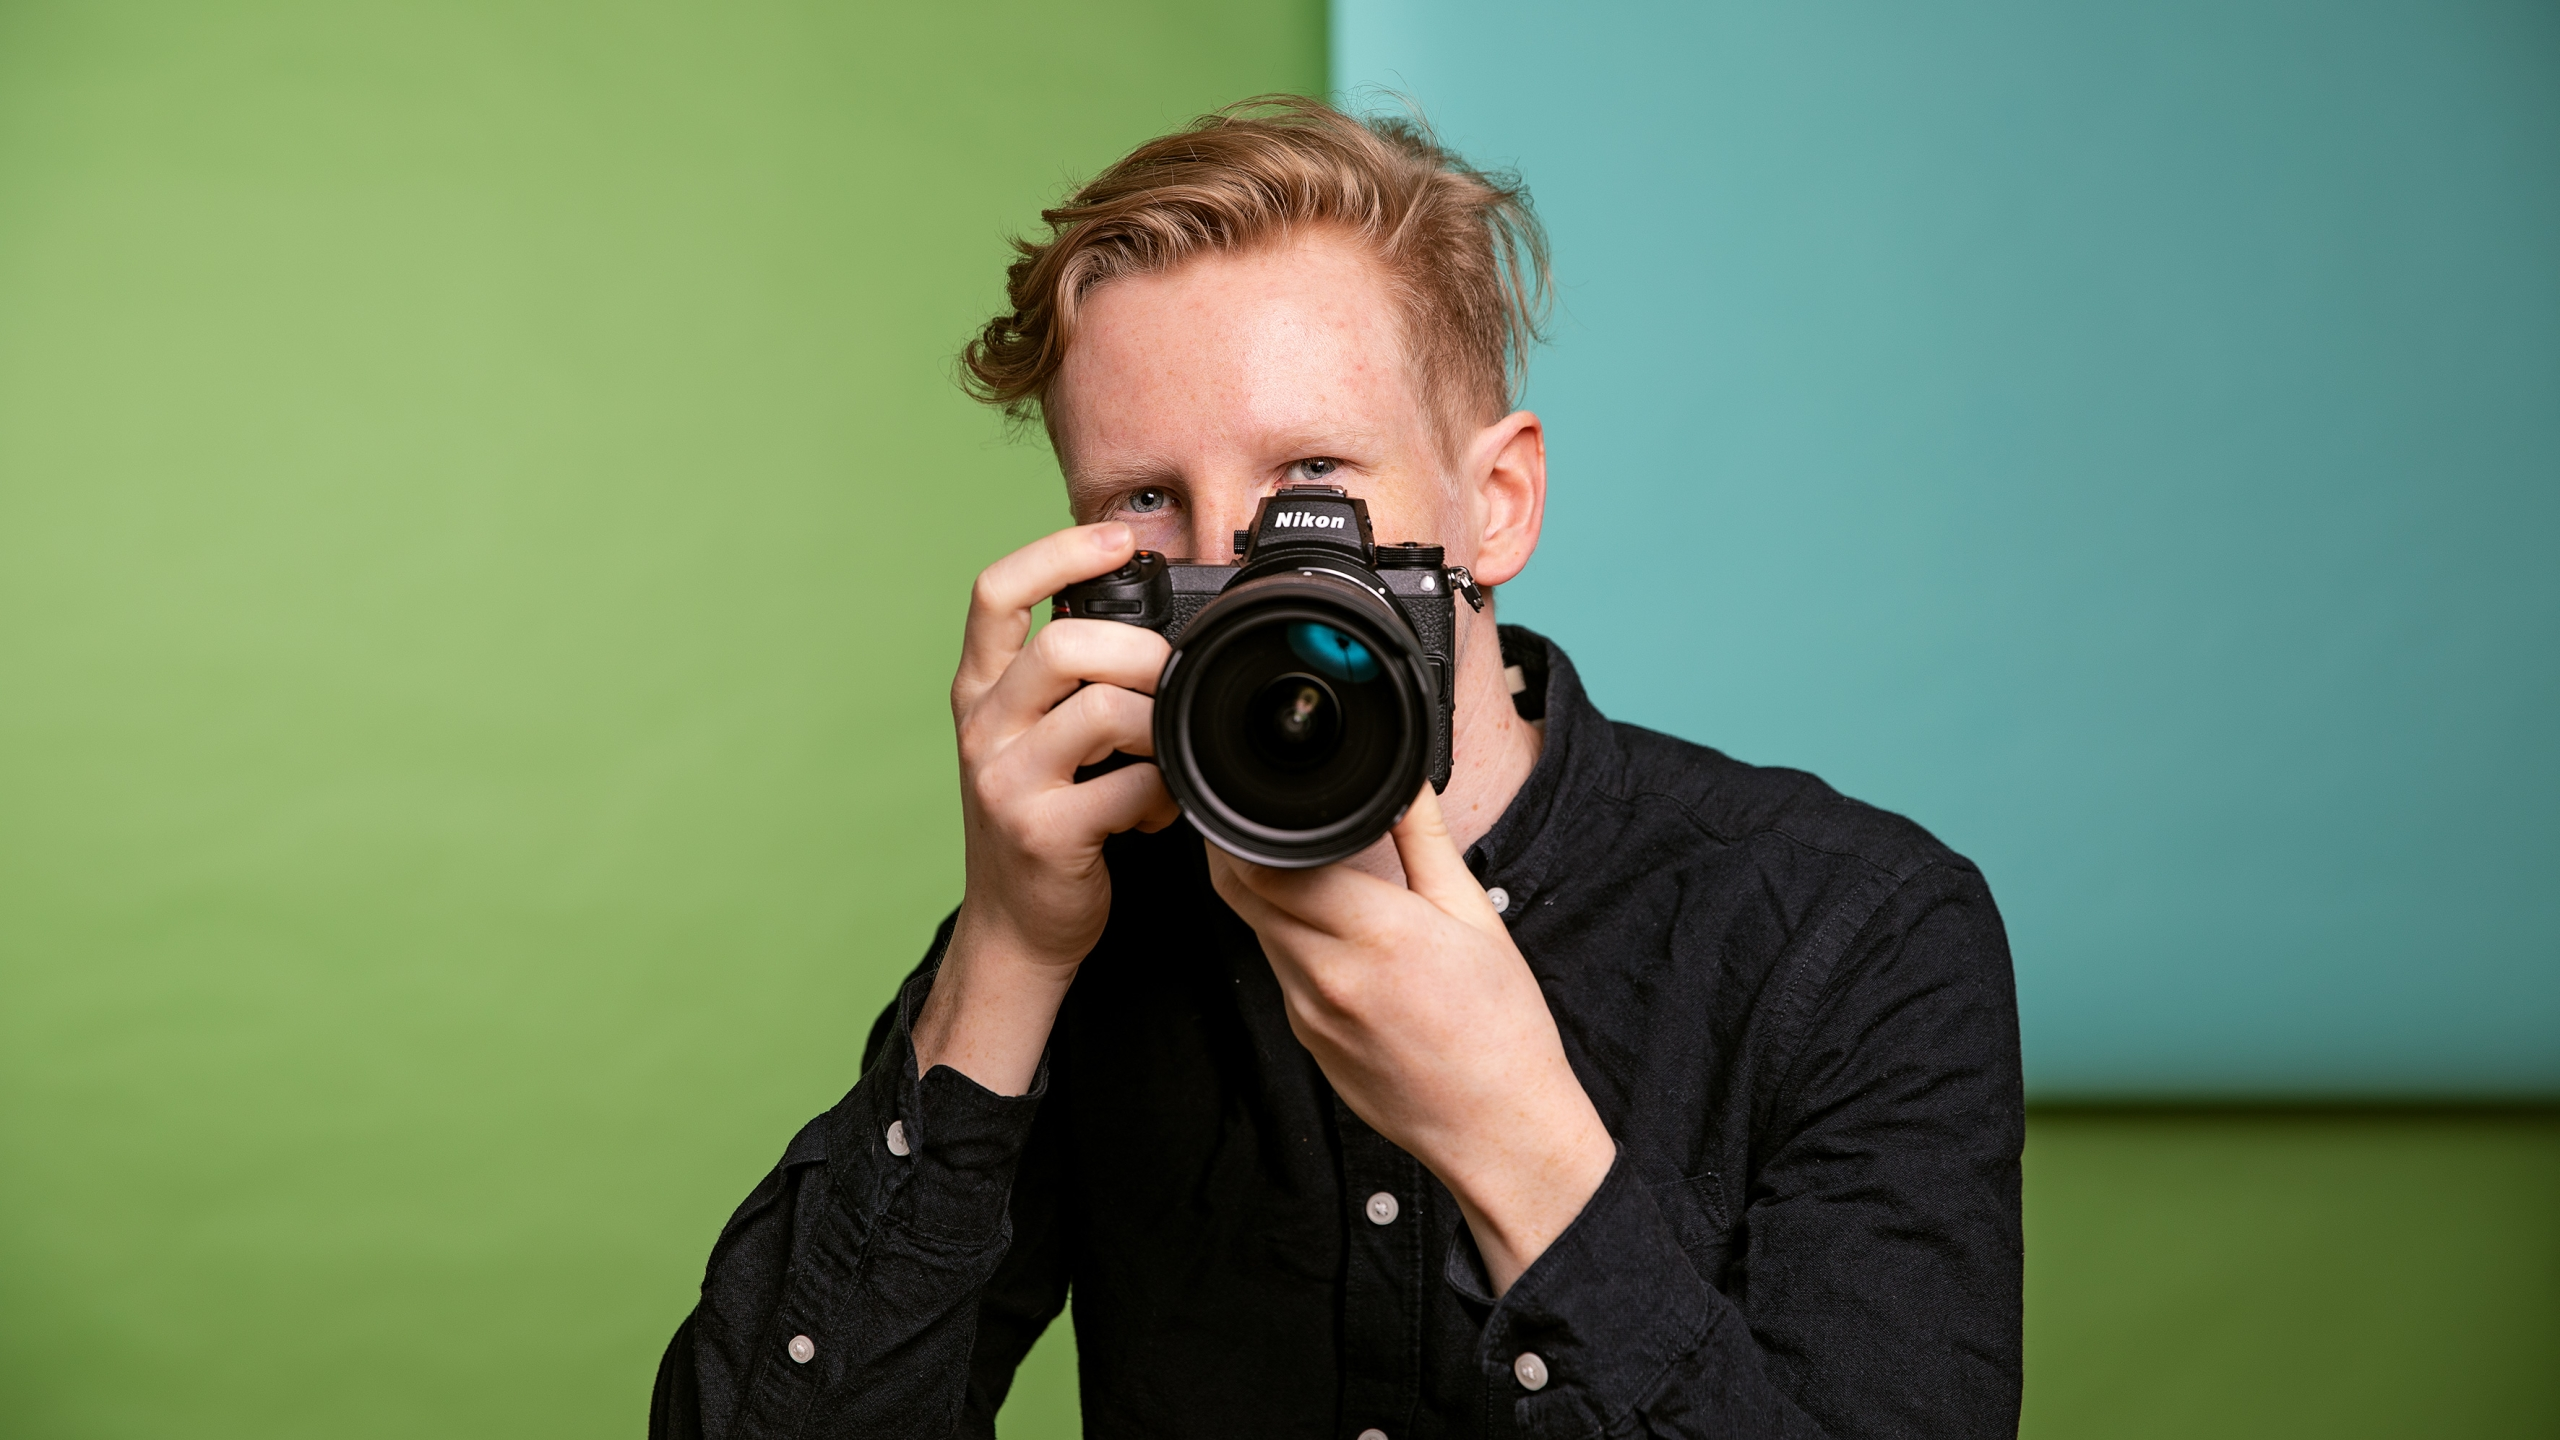 Luontokuvaaja Konsta Punkka poseeraa kameran kanssa